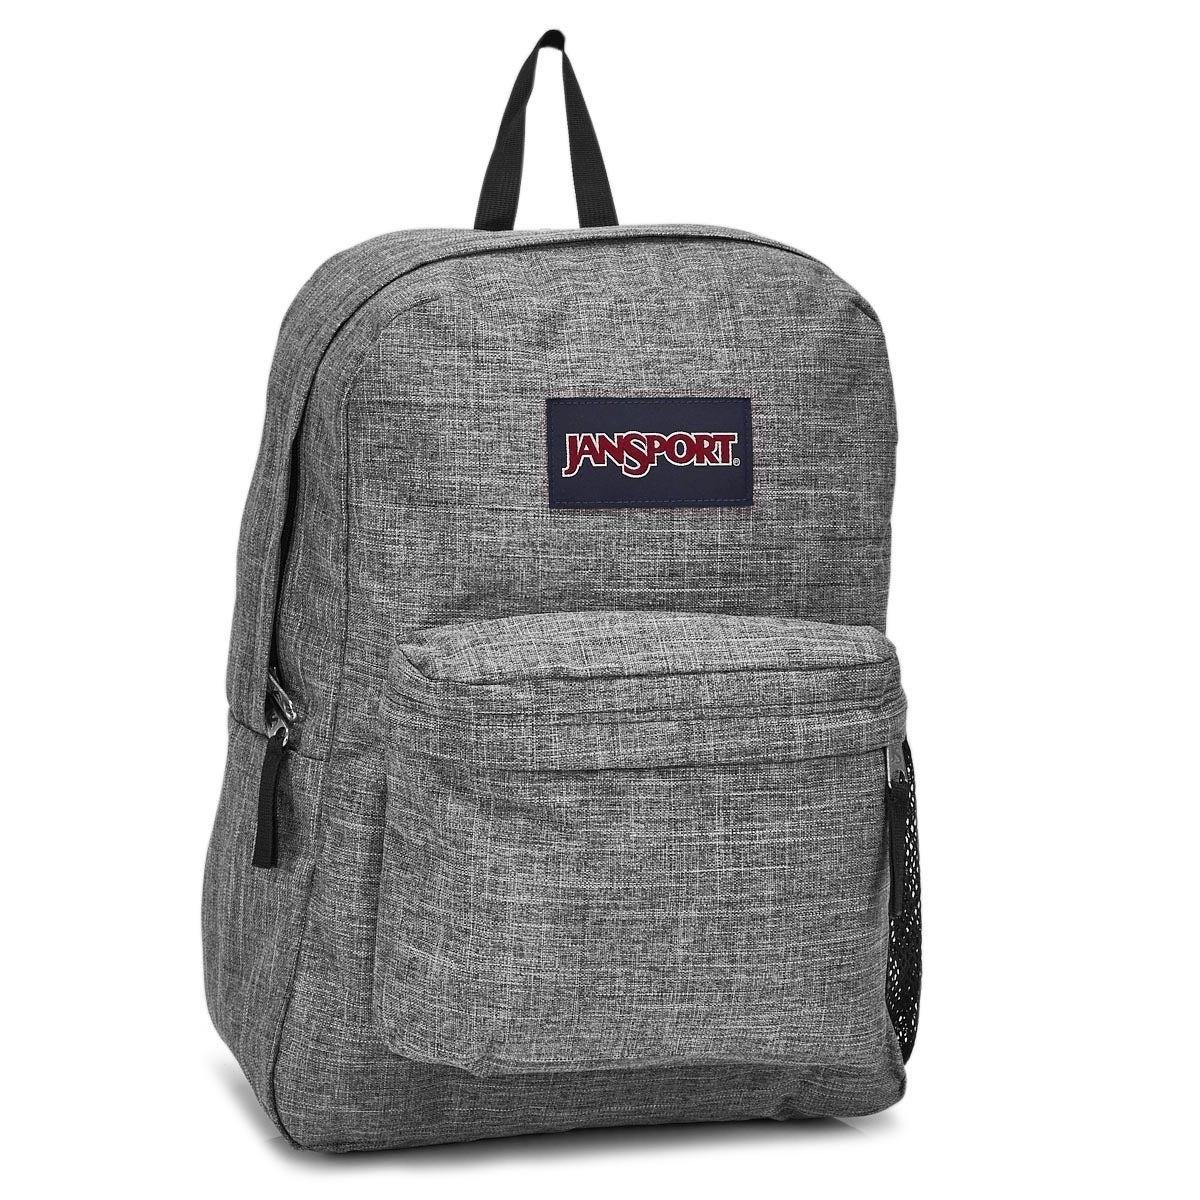 Jansport Hyperbreak heathrd gry backpack